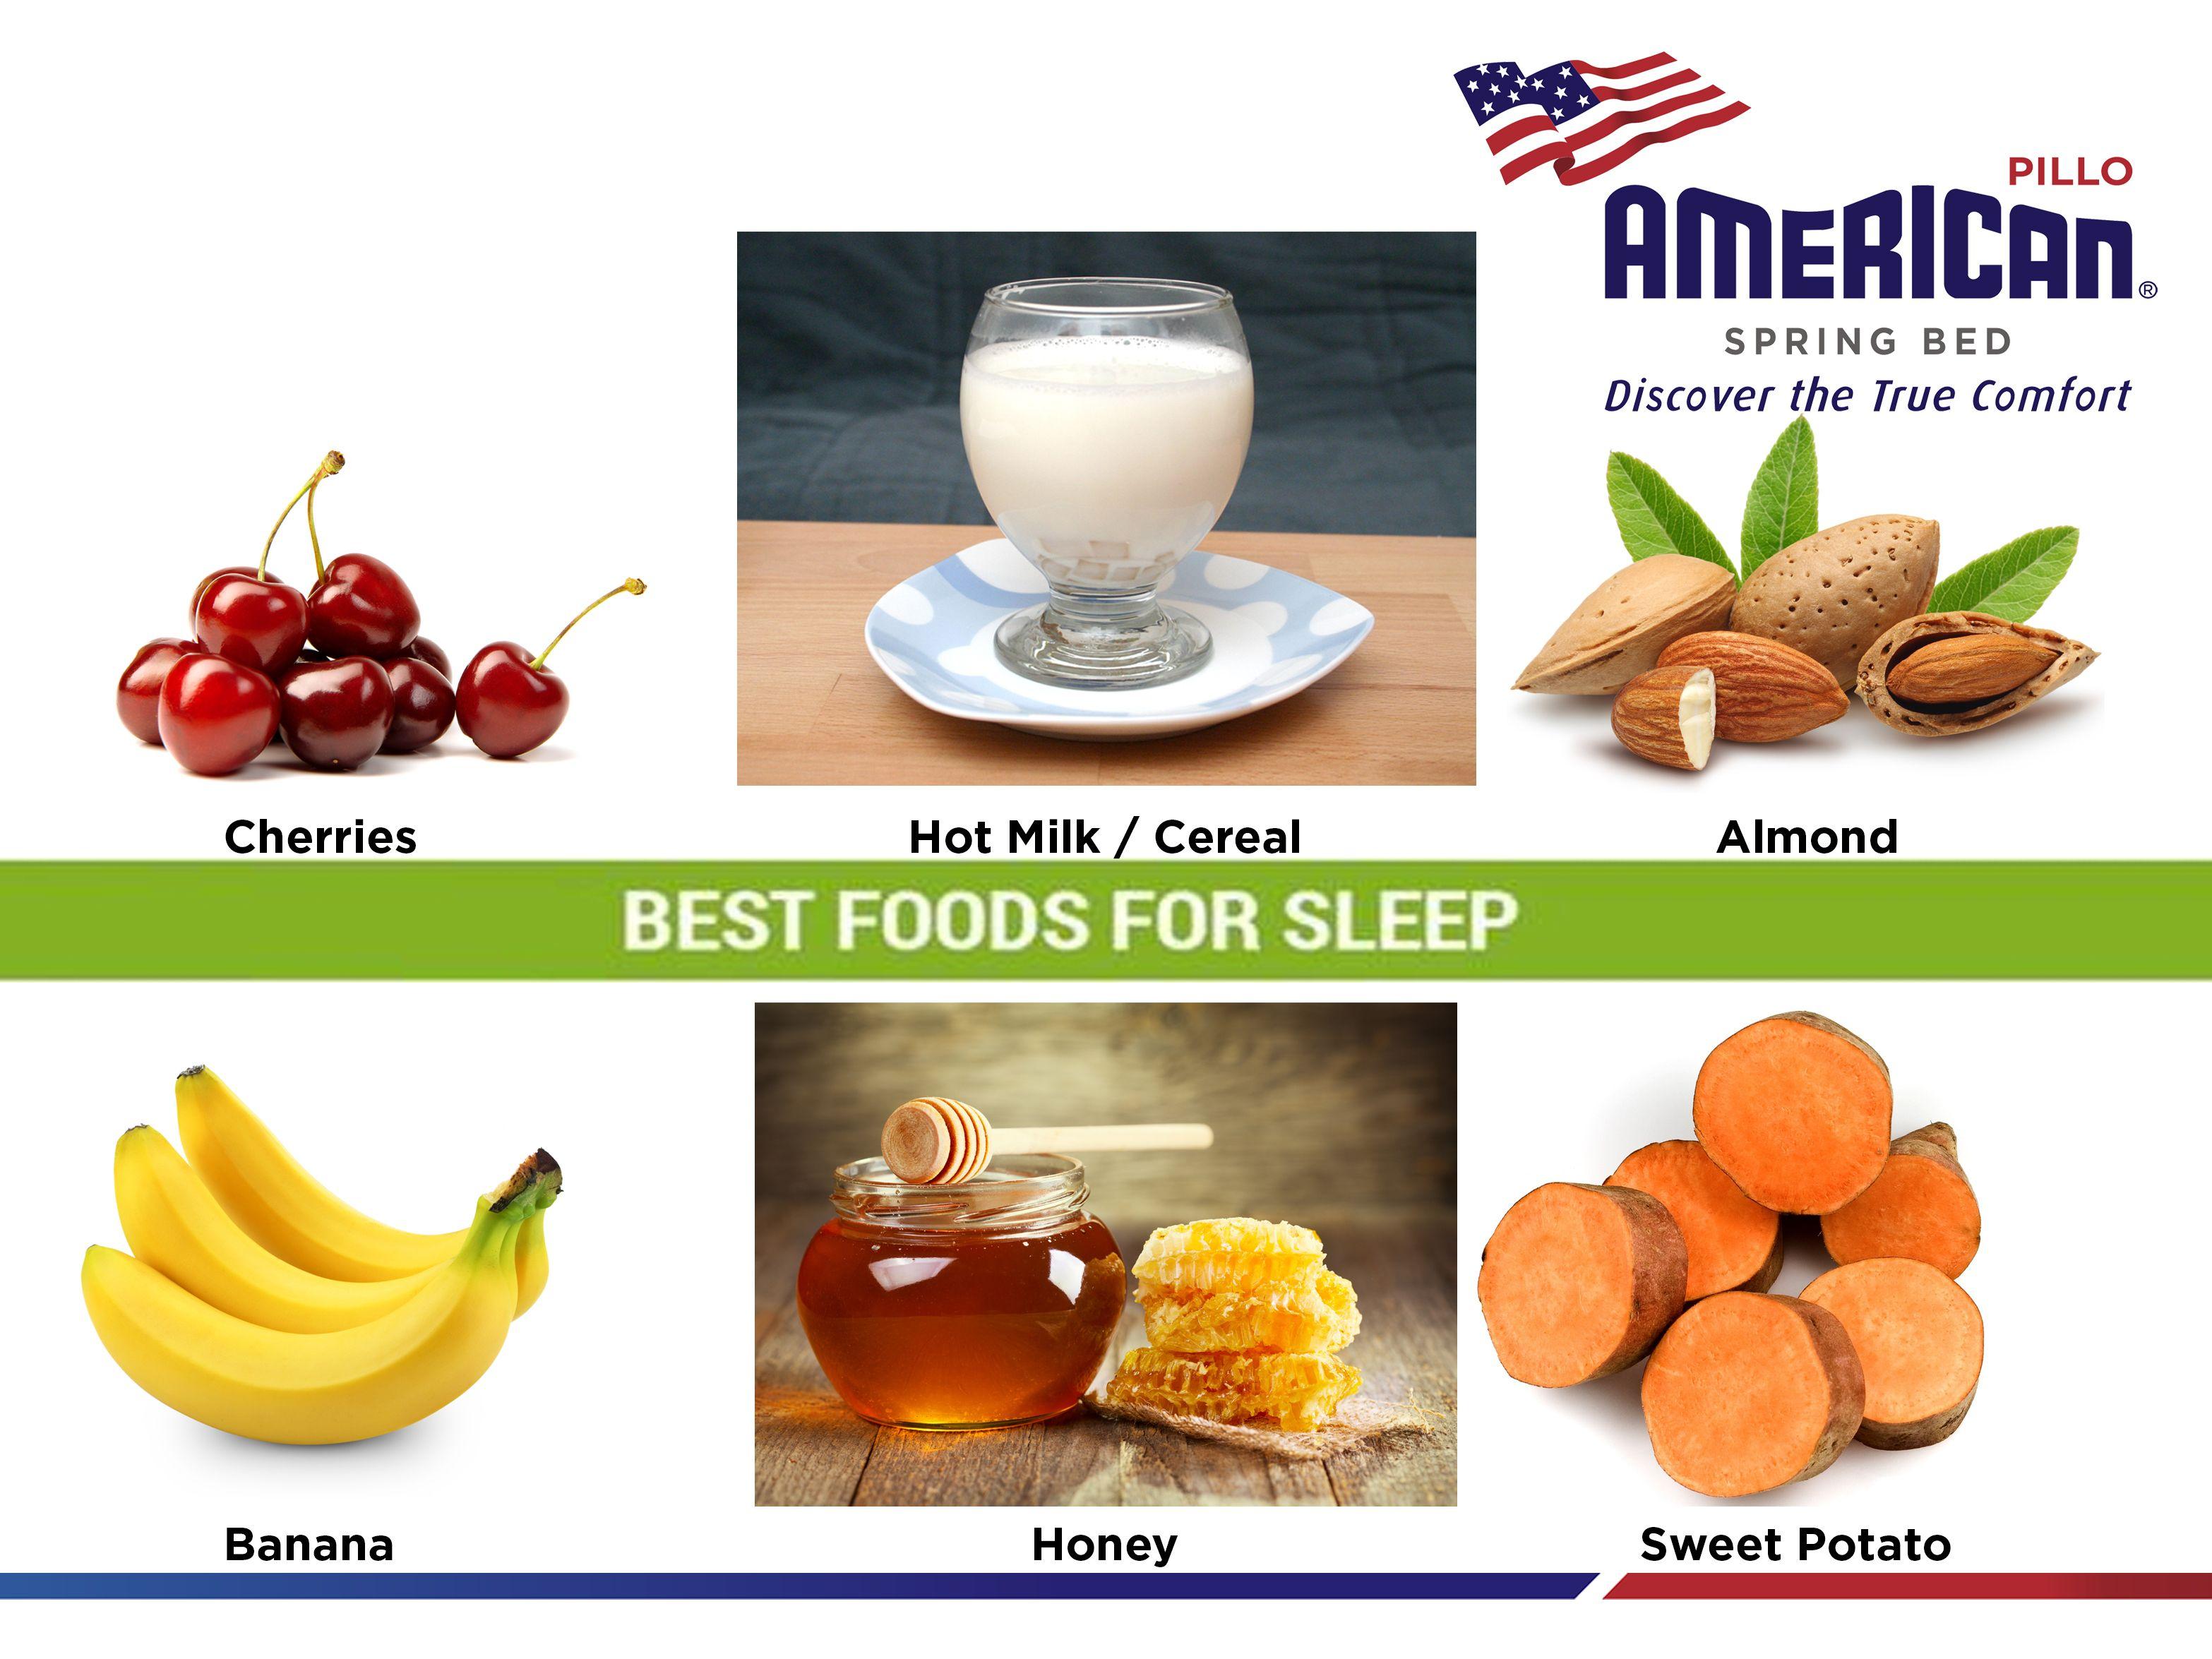 Konsumsi makanan yang ideal sebelum tidur adalah sekitar